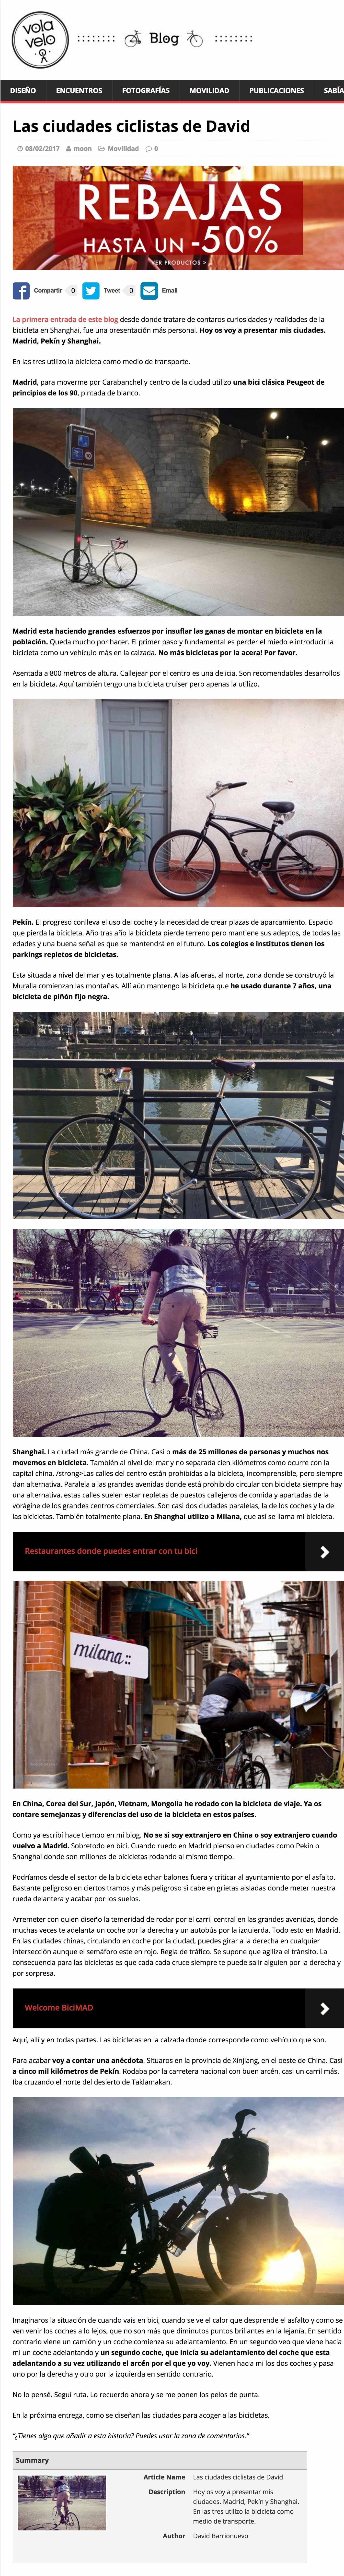 ruedascuadradas_milana_volavelo